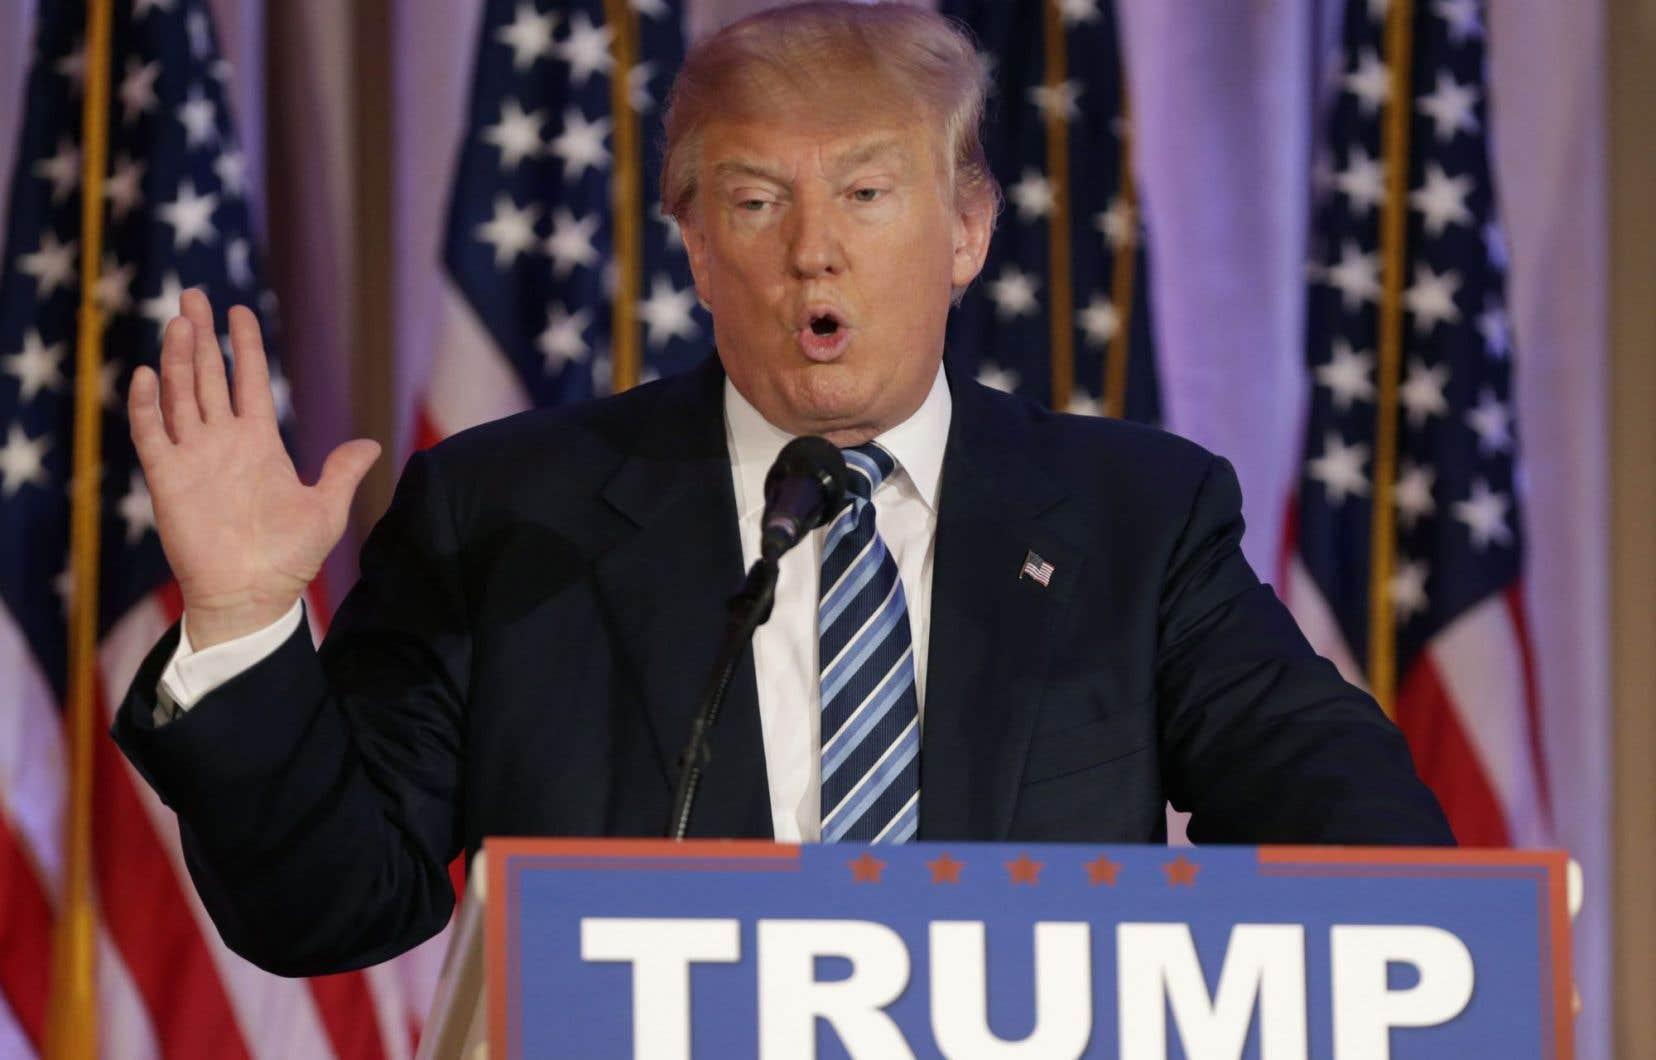 Trump a déclaré en octobre dernier qu'il pourrait «probablement très bien s'entendre avec Vladimir Poutine».